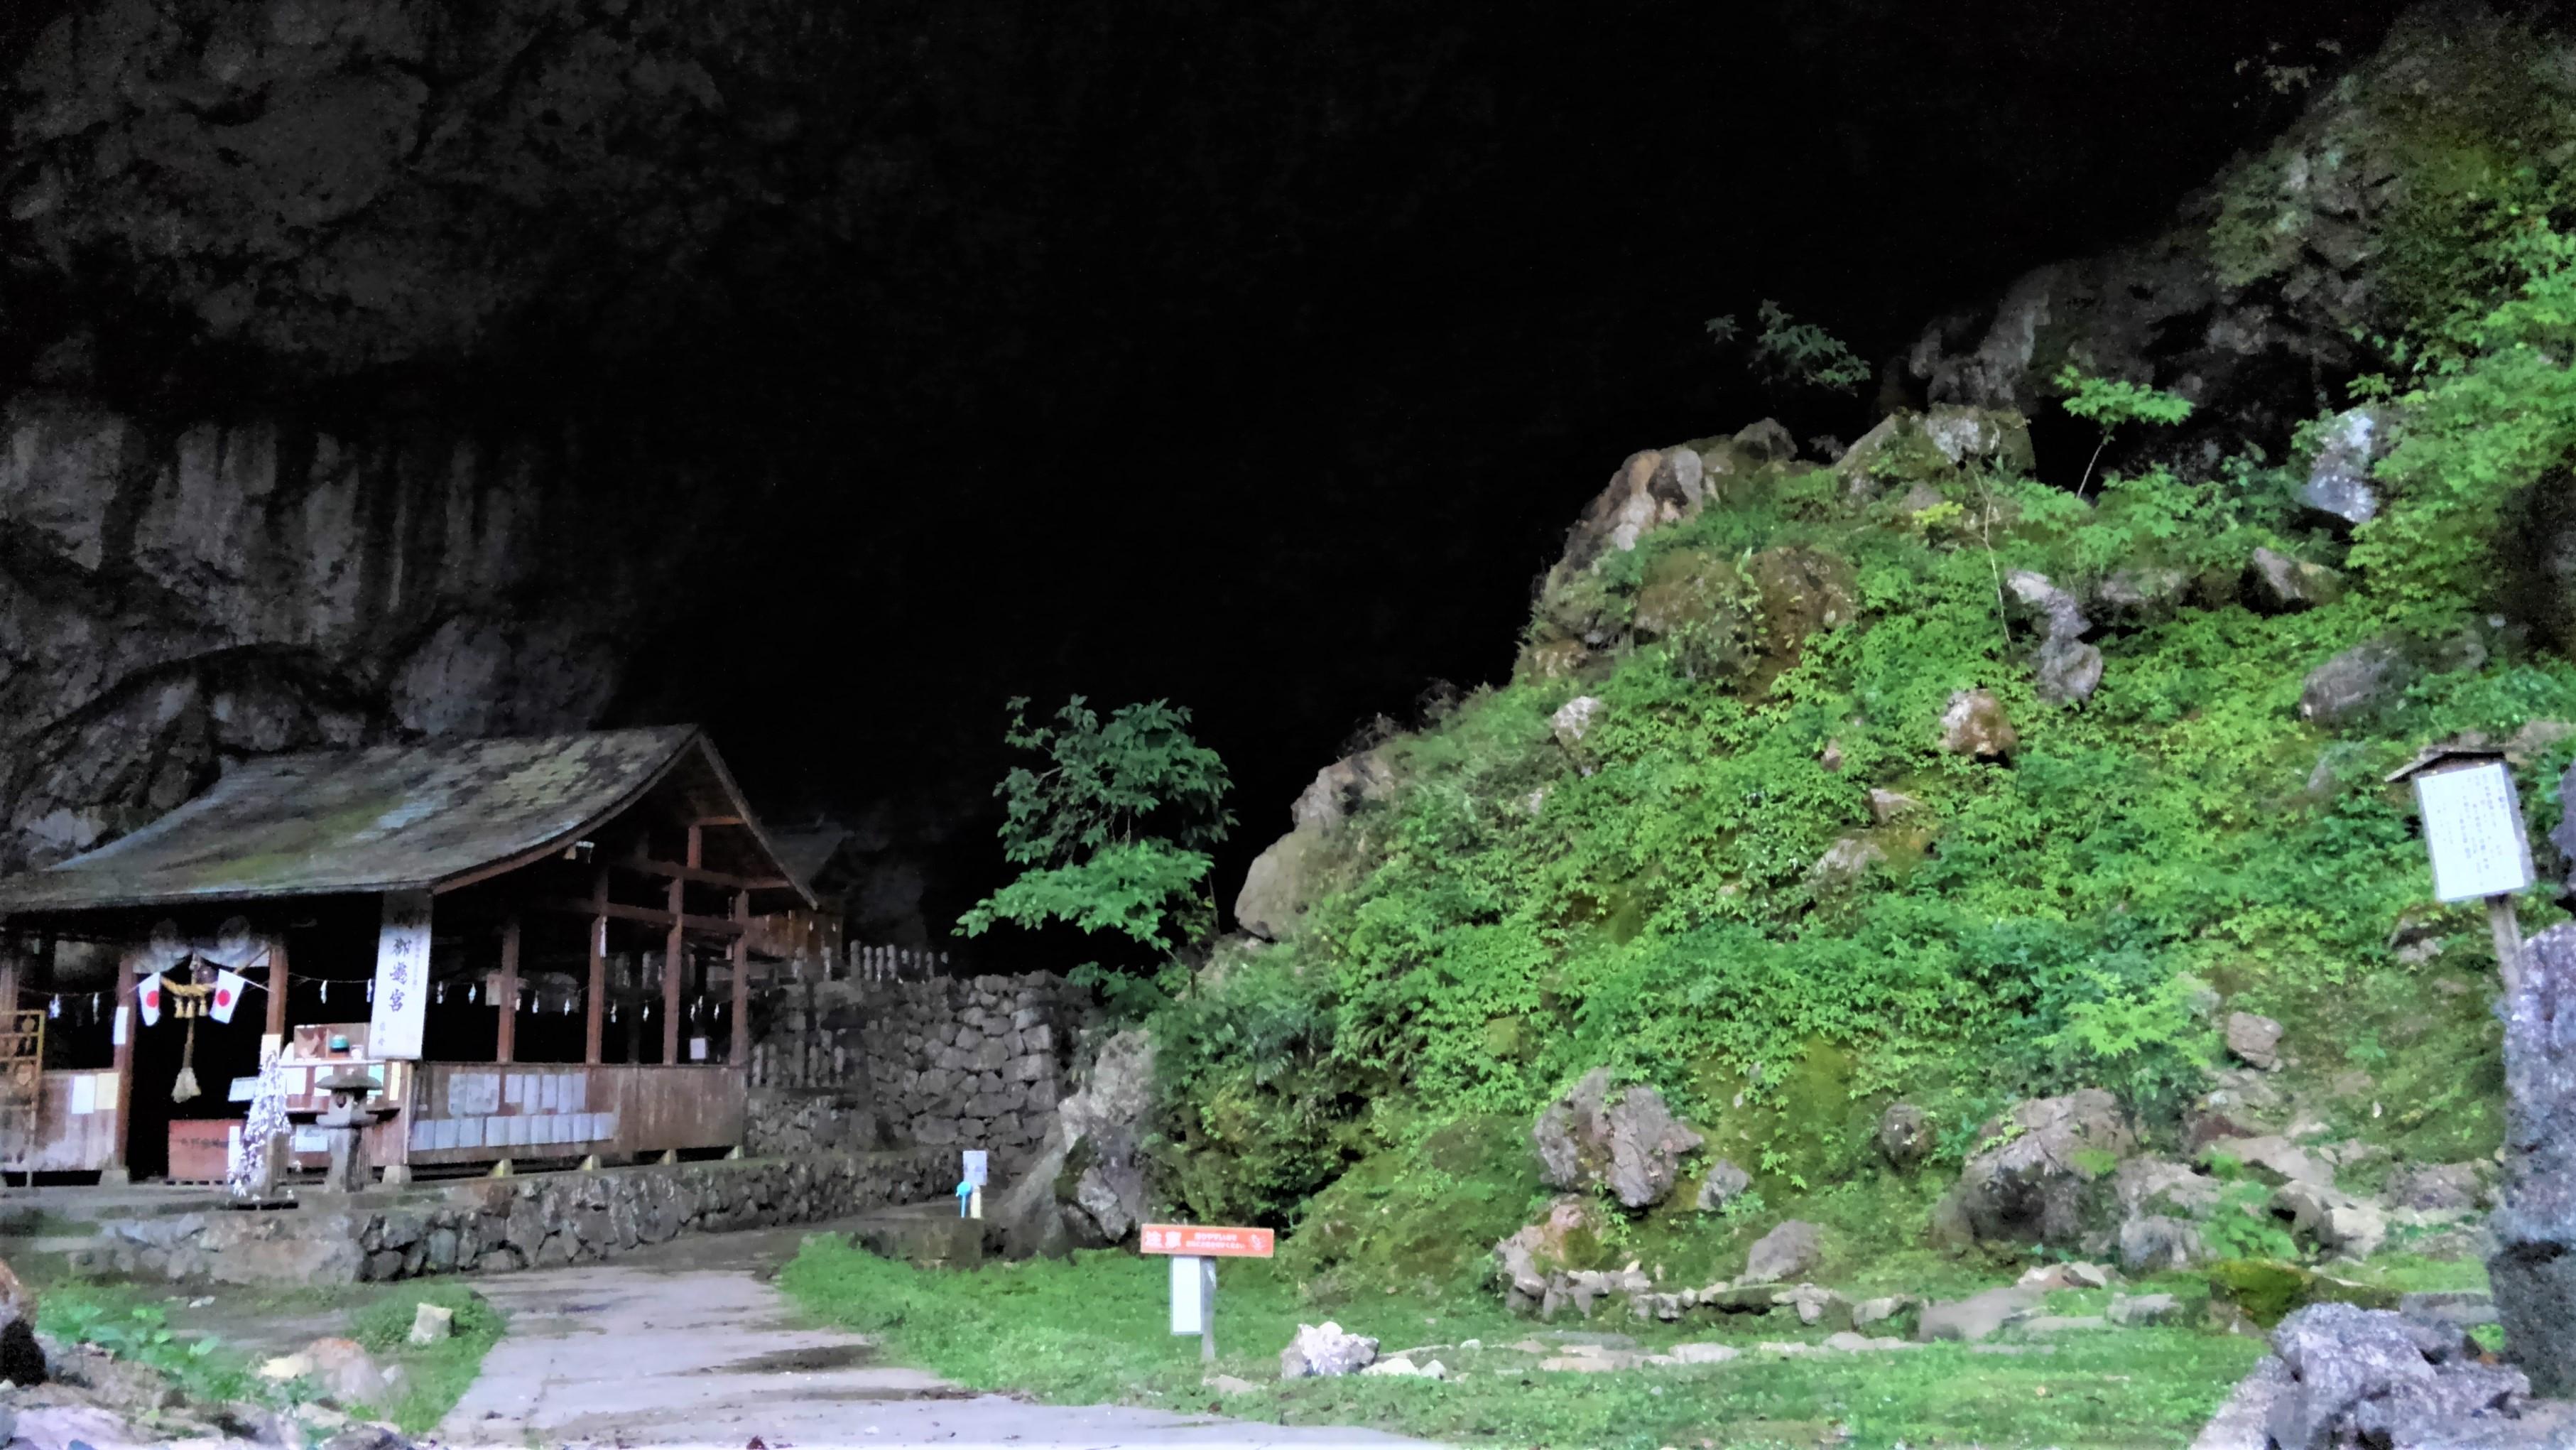 神瀬鍾乳洞 洞窟内